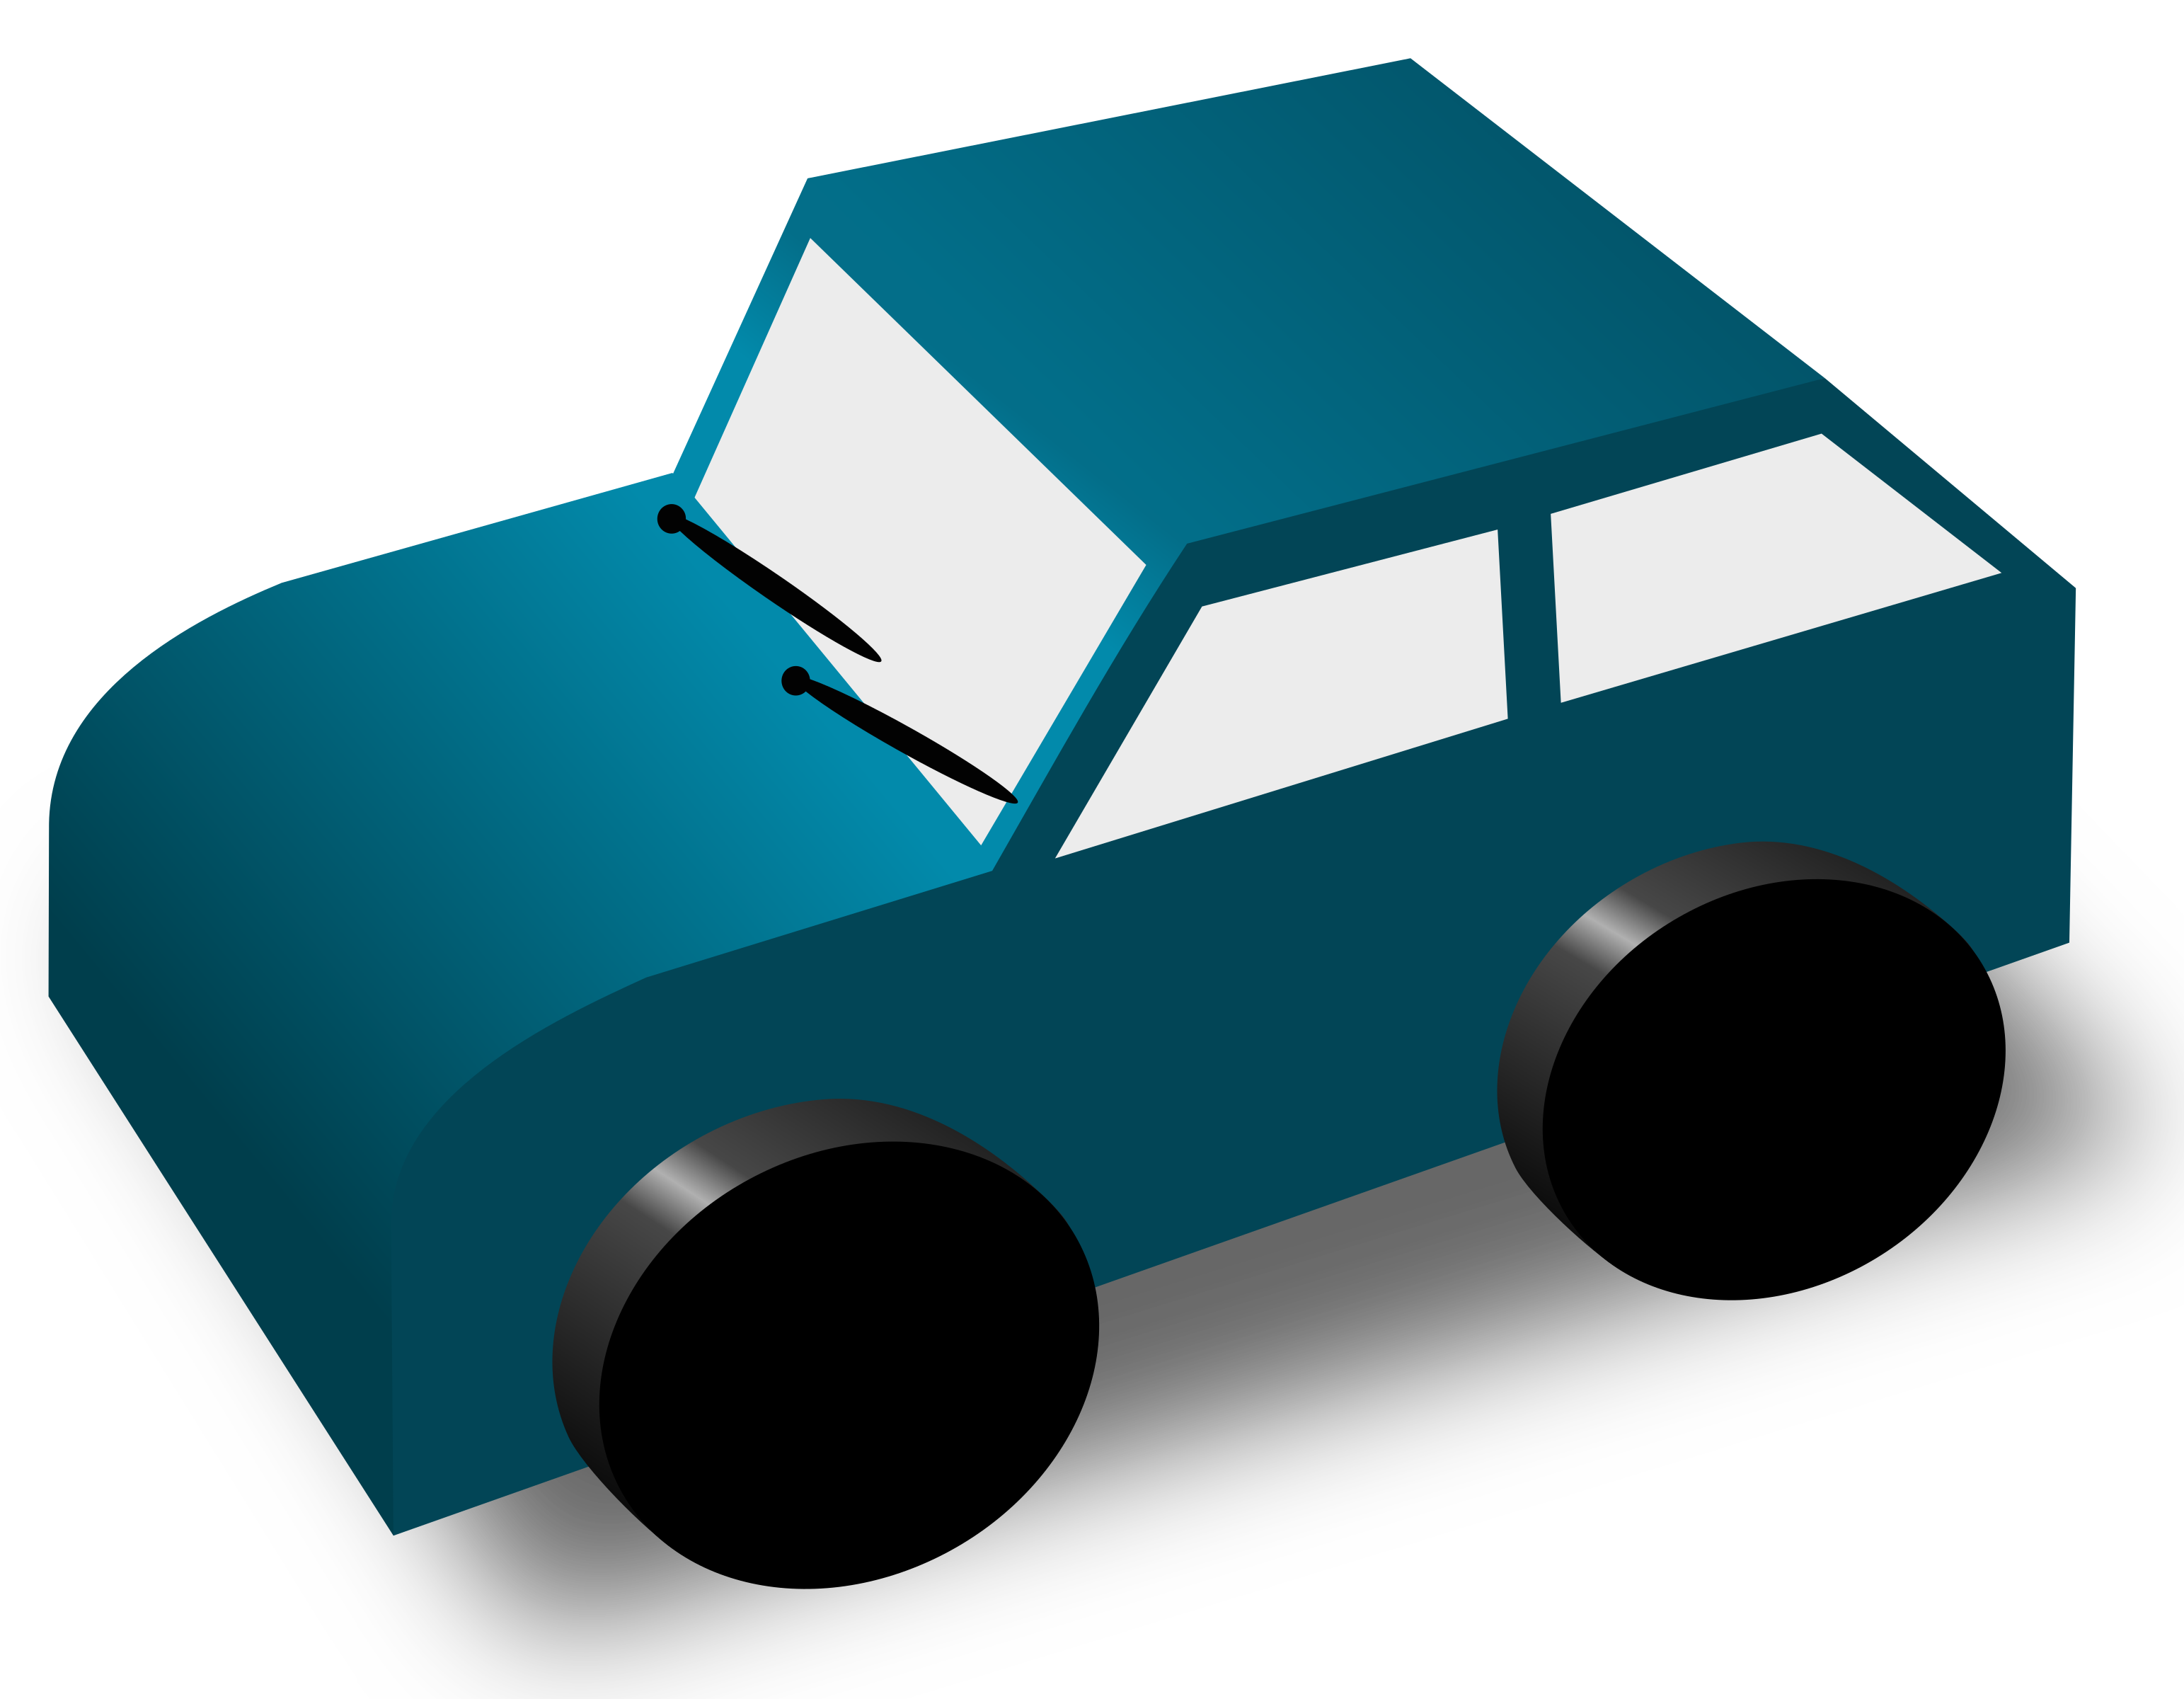 Clipart - Cartoon Car (3086 x 2400 Pixel)